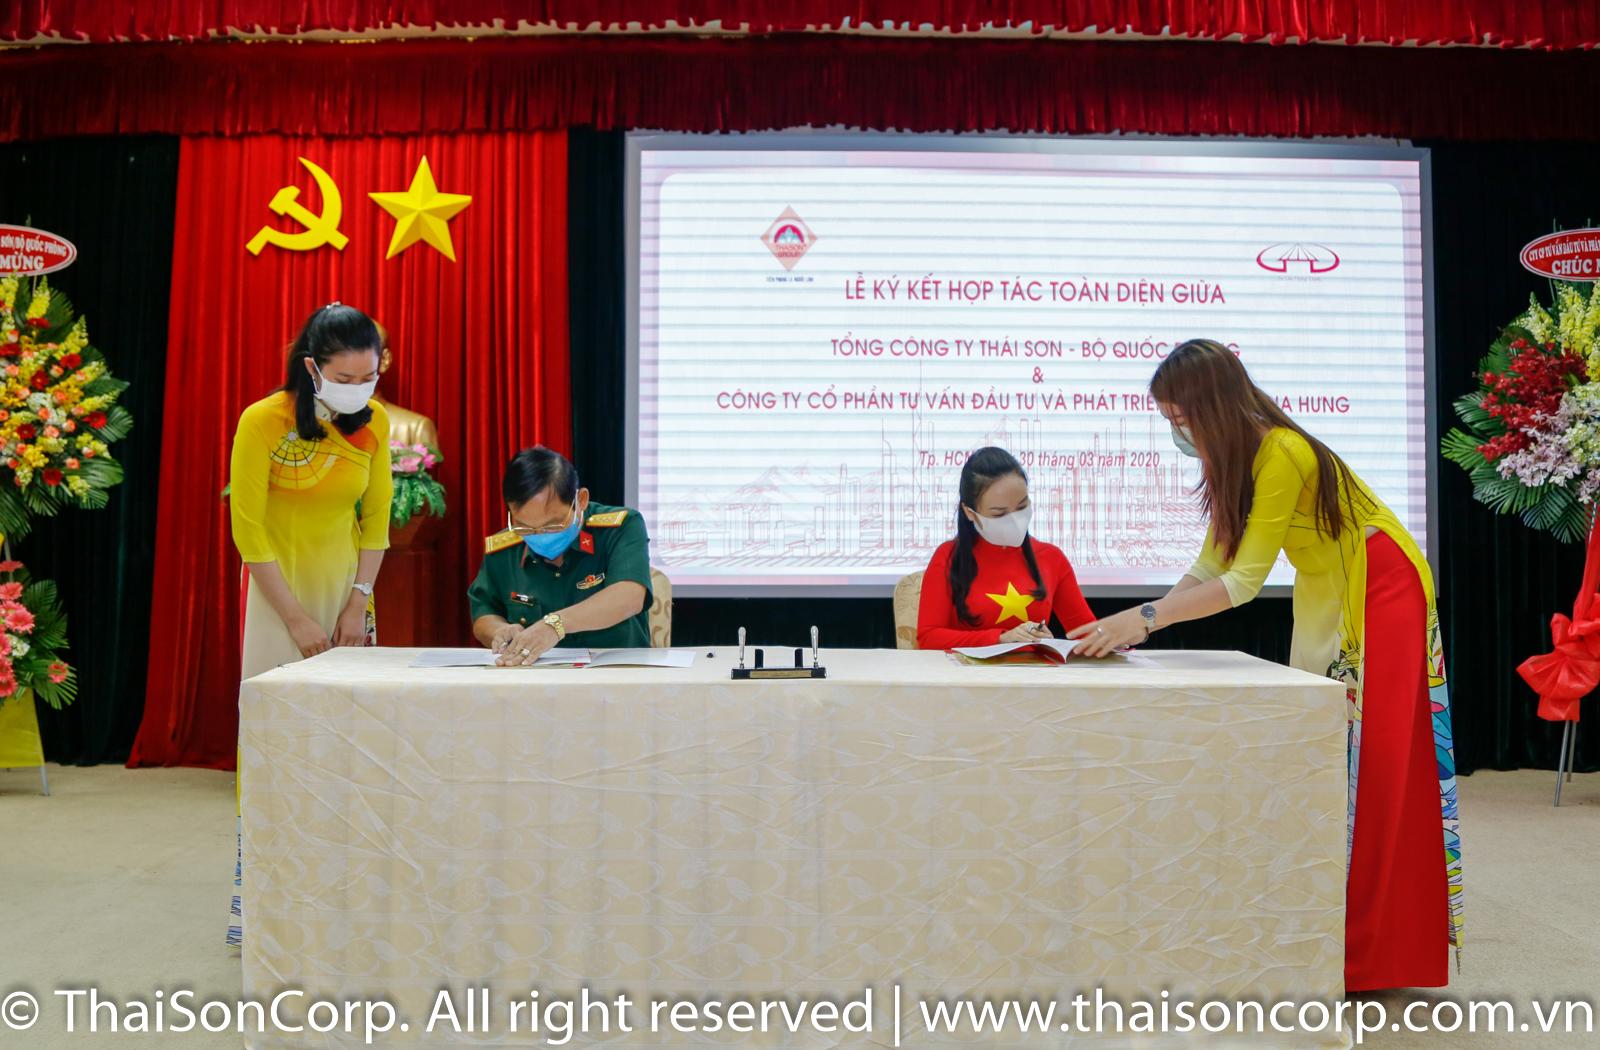 Tổng Công ty Thái Sơn ký kết thỏa thuận hợp tác toàn diện với Công ty CP Tư vấn Đầu tư Phát triển Hạ tầng Gia Hưng